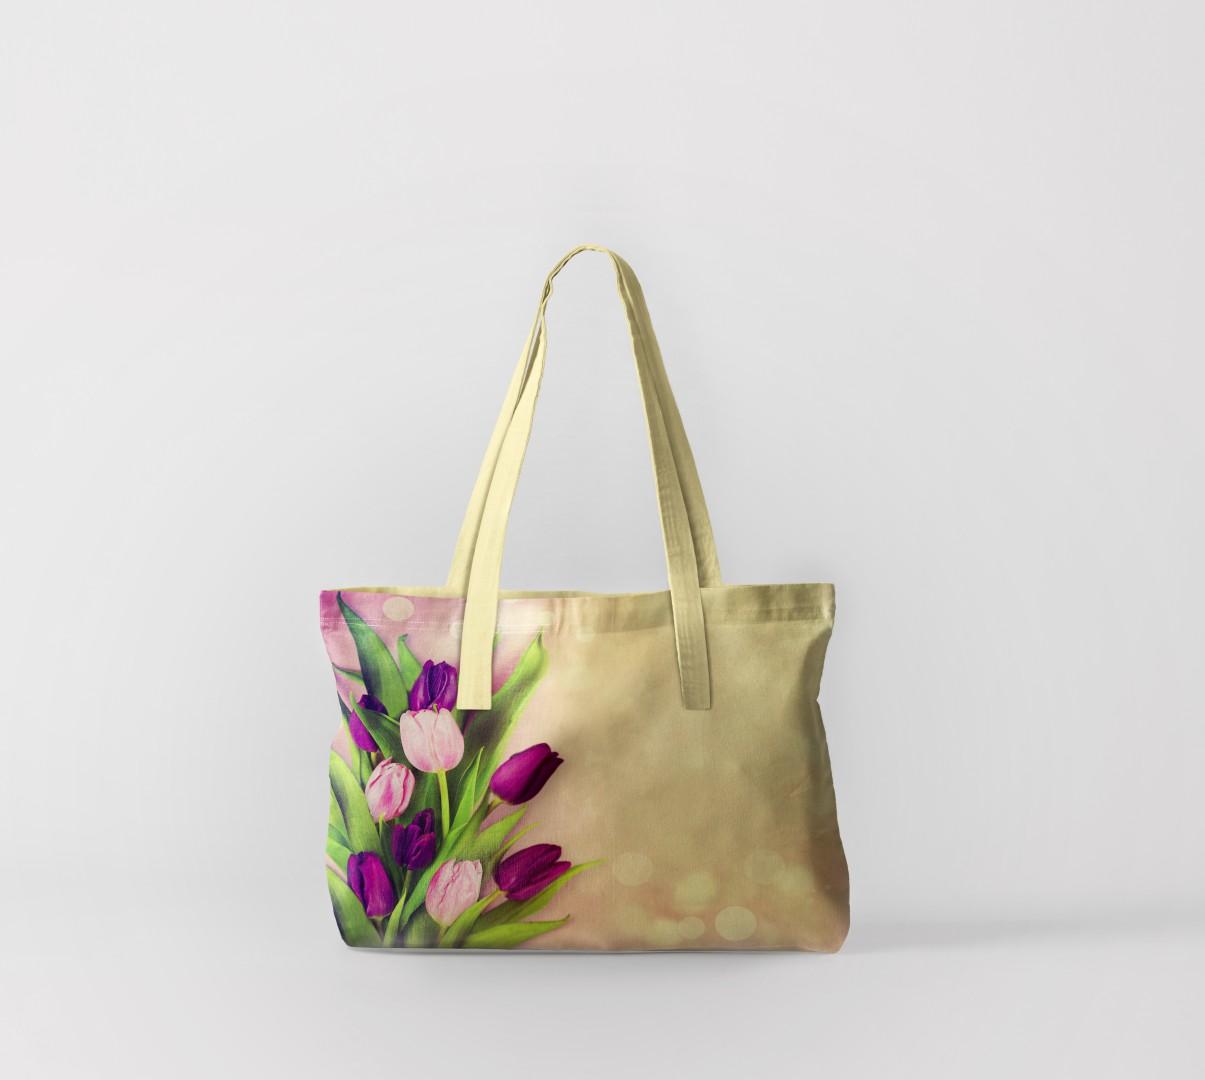 Пляжная сумка Праздничные тюльпаны (50х40 см) Олимп Текстиль oli732590